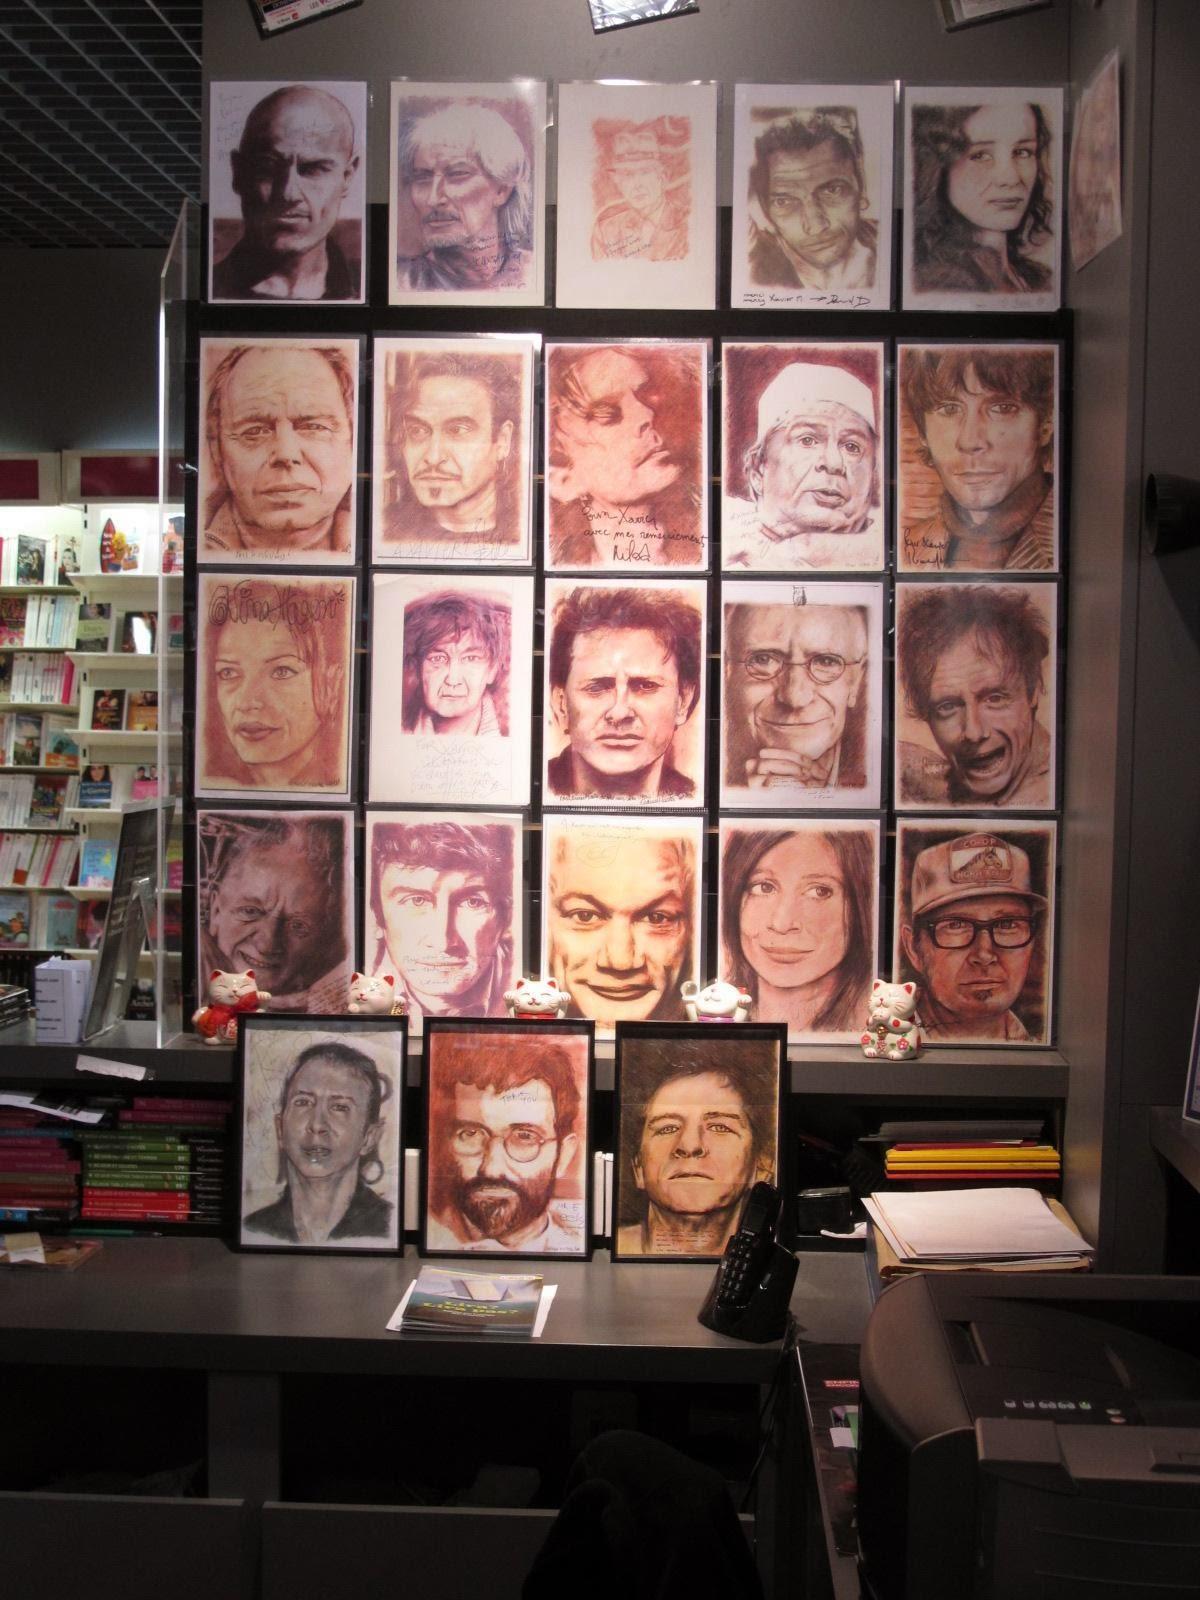 EXPOSITION PORTRAITS mai 2013